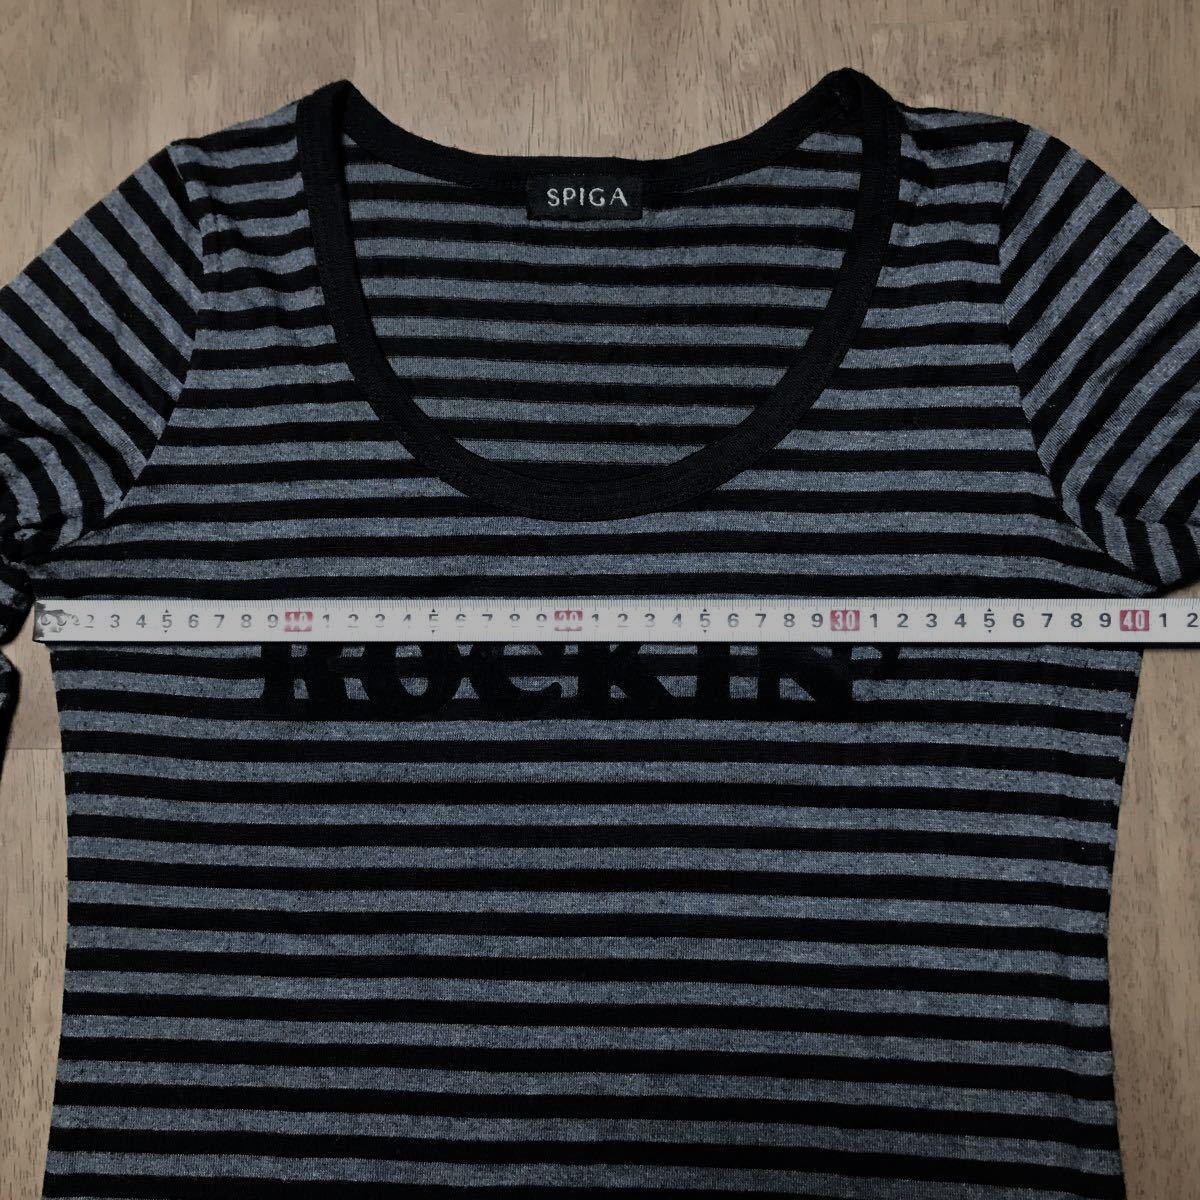 長袖ボーダーTシャツ カットソー トップス   グレー/ブラック